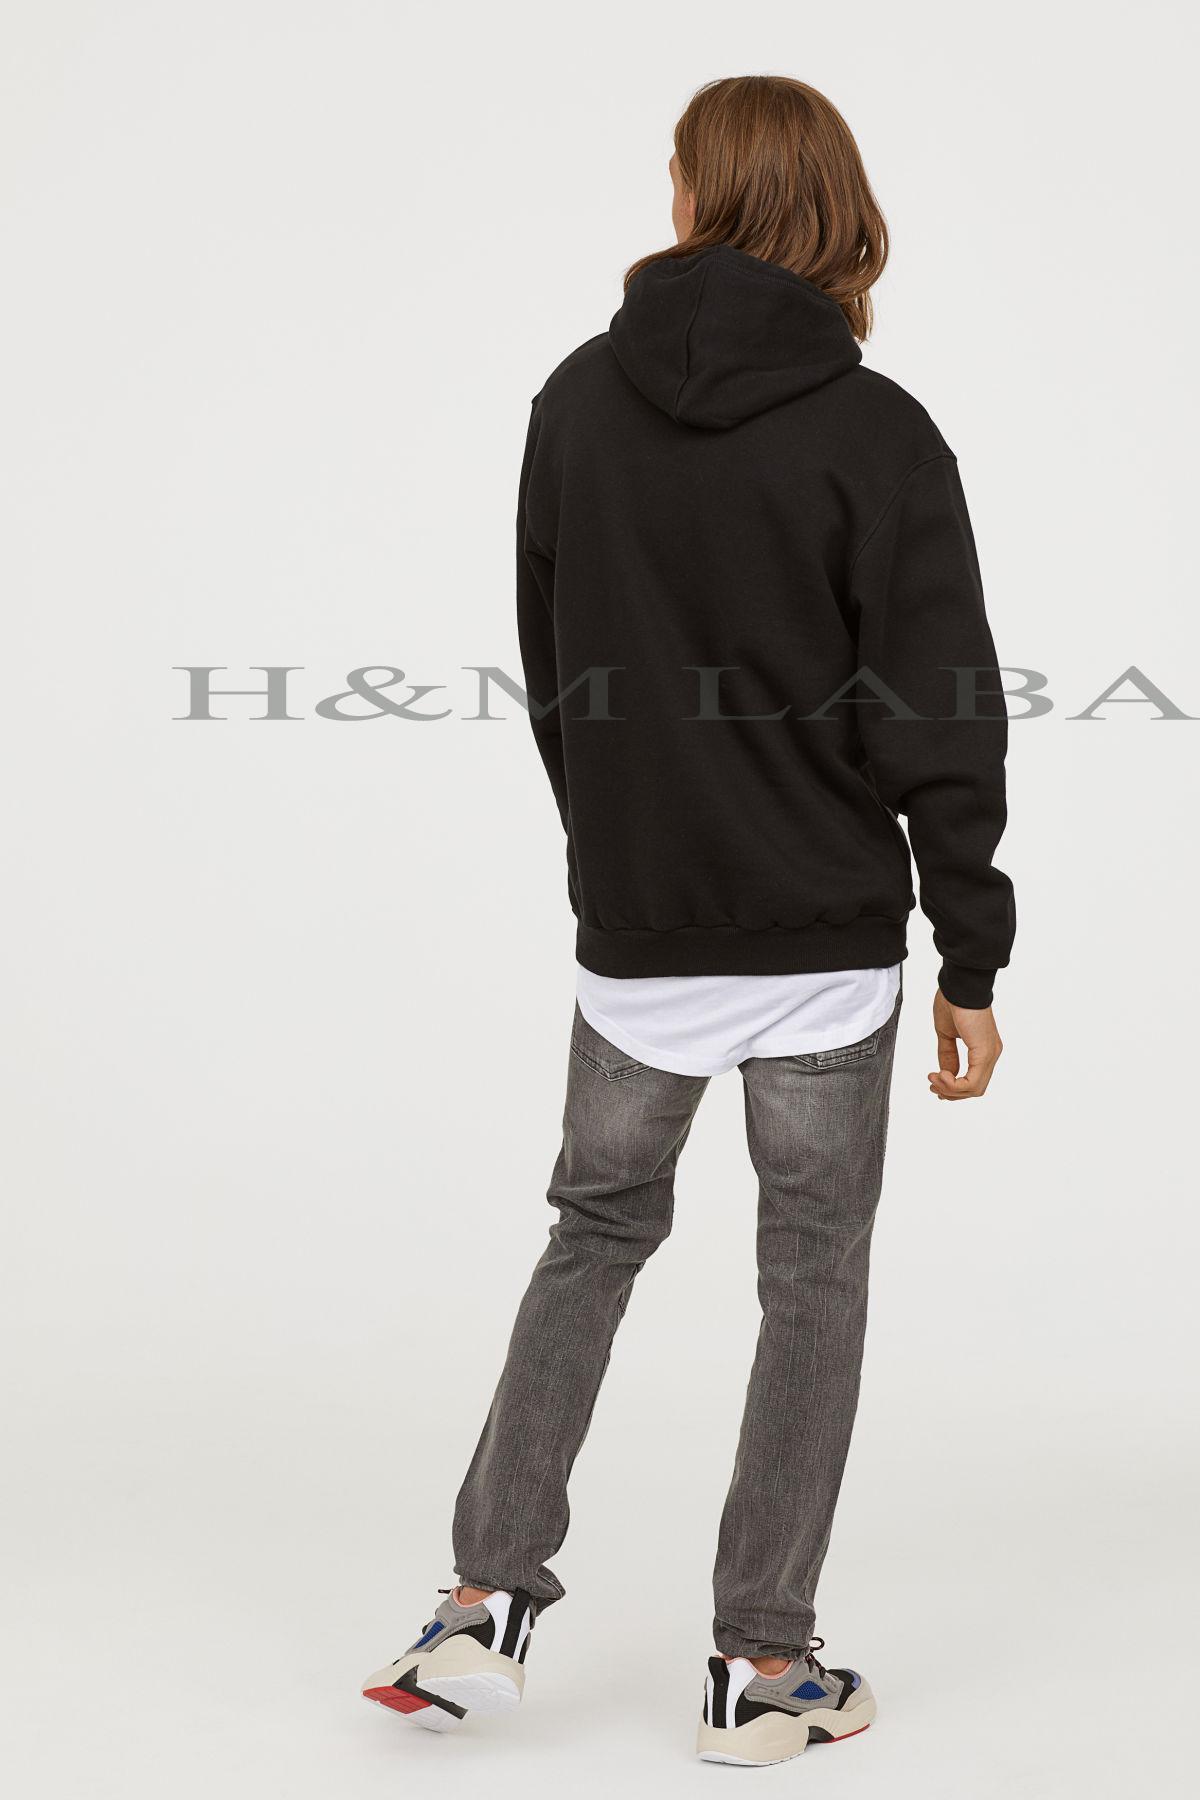 Detail Gambar LABA - Sweater Pria   Sweater Hoodie   Sweater Supreme    Sweater Branded   a2da6b615d